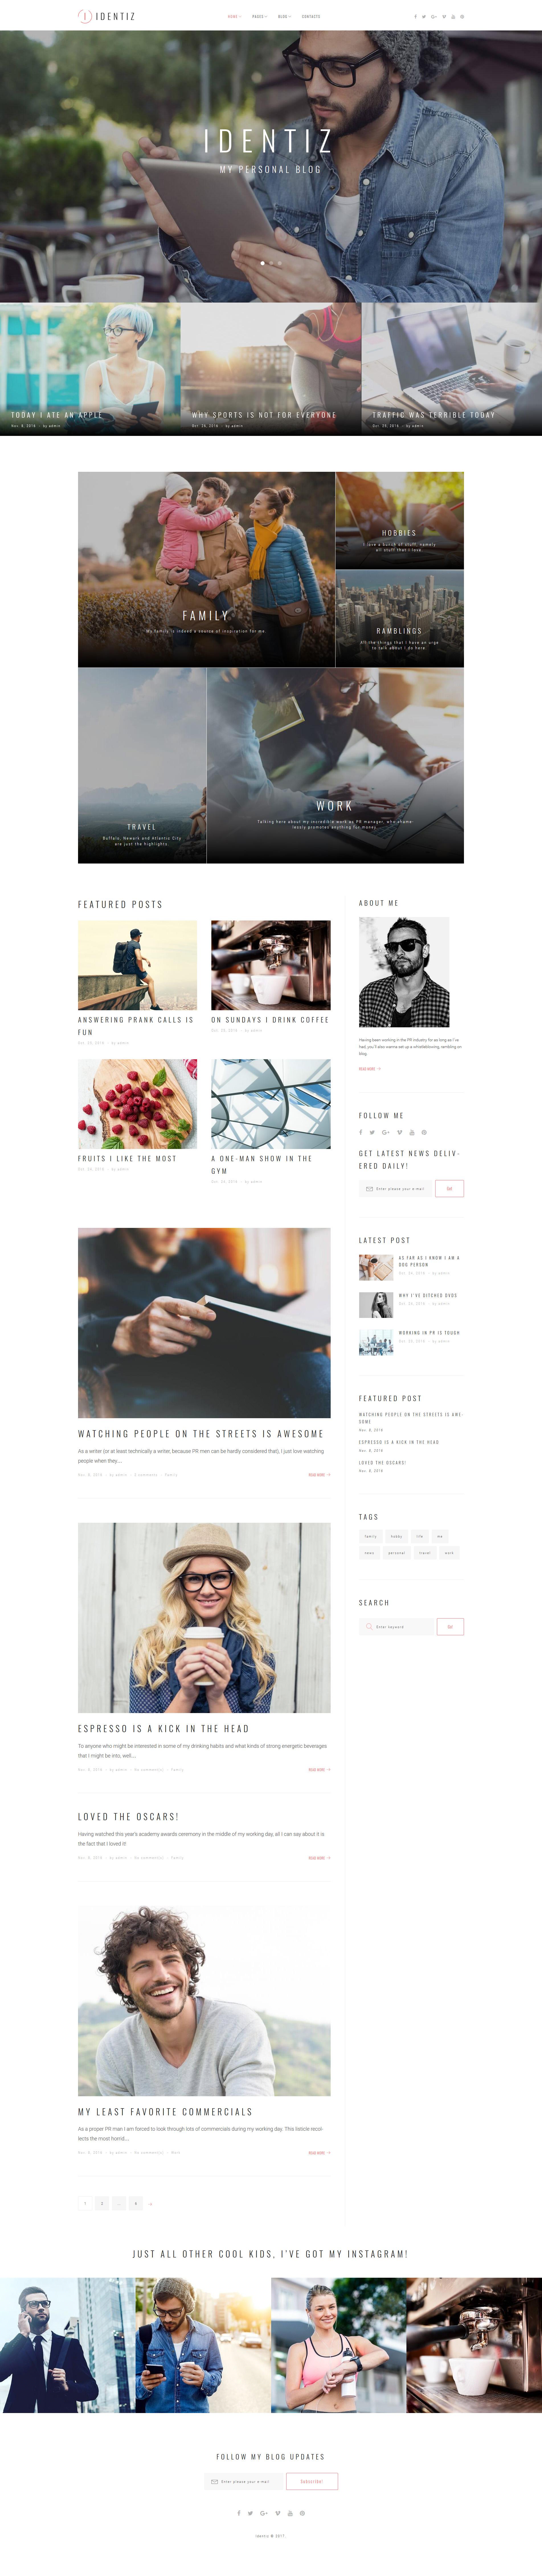 Responsywny motyw WordPress Identiz - Personal Blog #63592 - zrzut ekranu